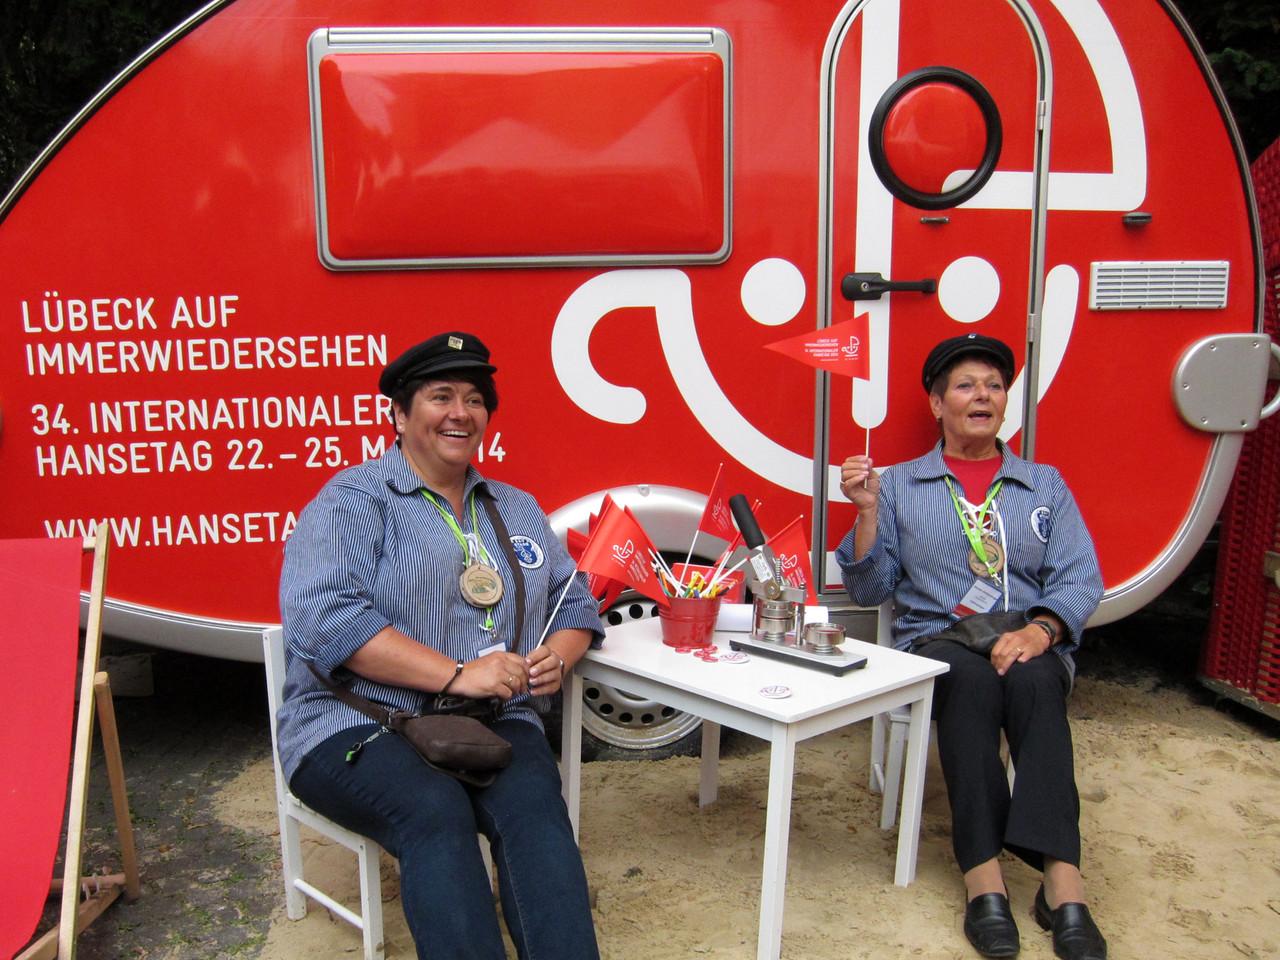 Hansestand Lübeck - Silke und Editha